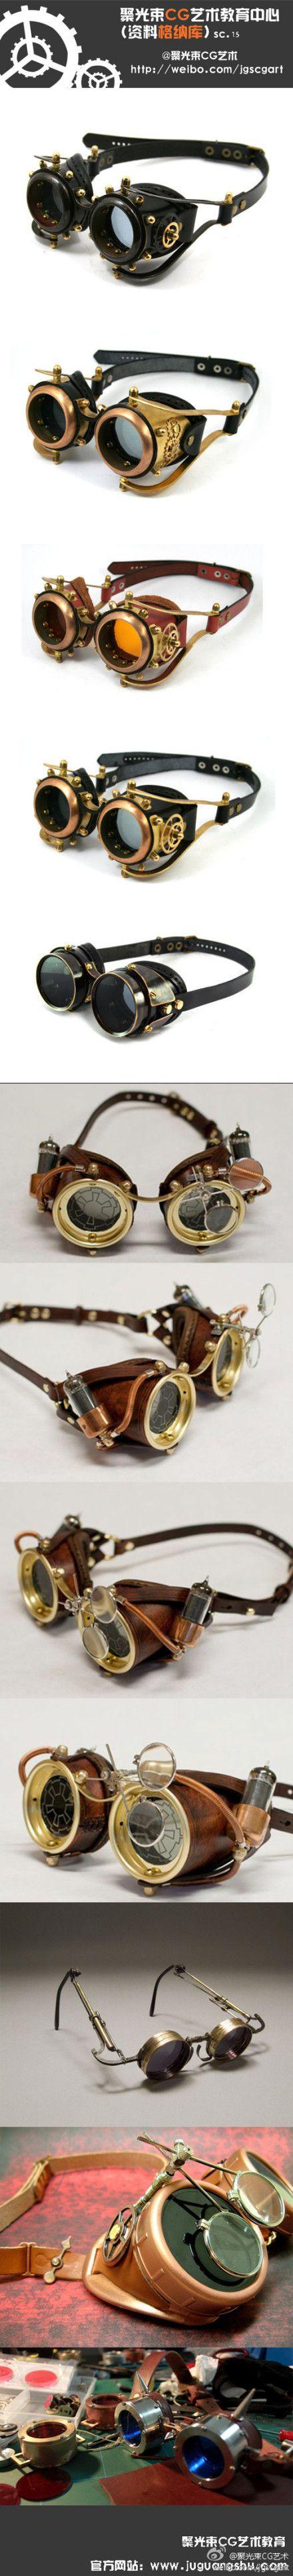 Criativos óculos steampunk